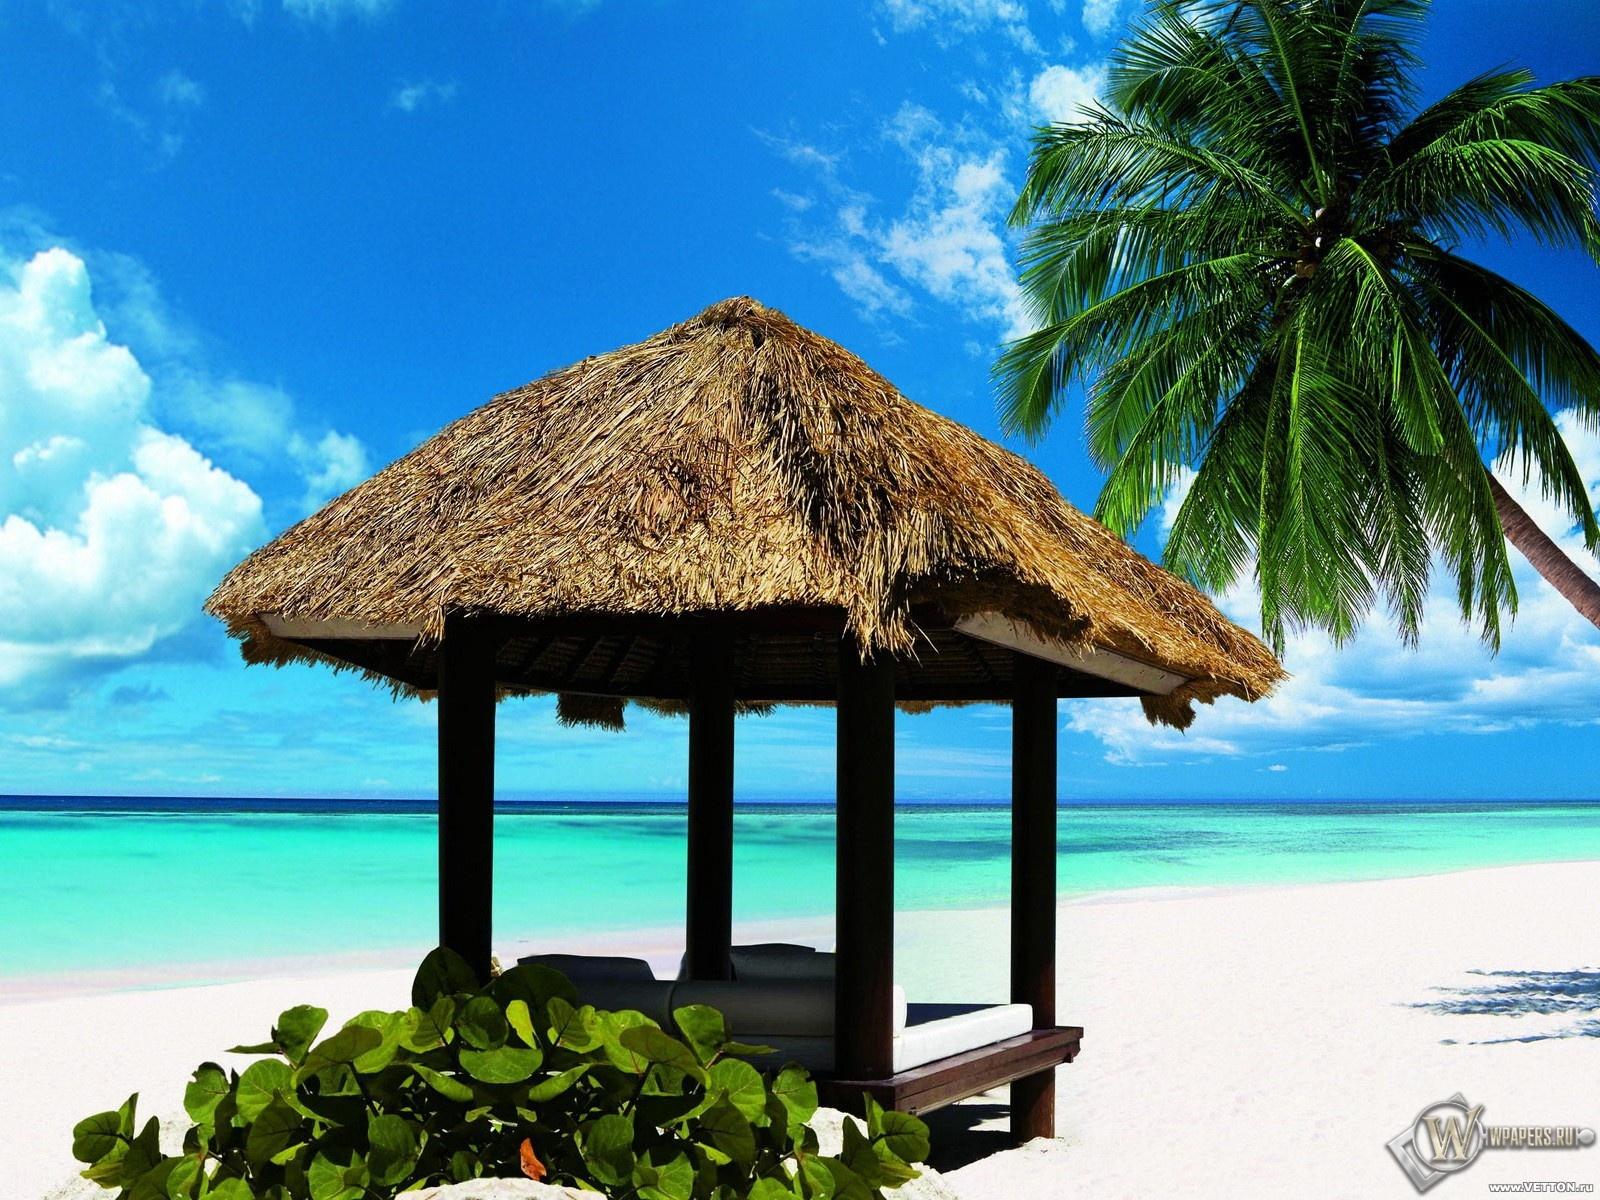 Океанский пляж 1600x1200